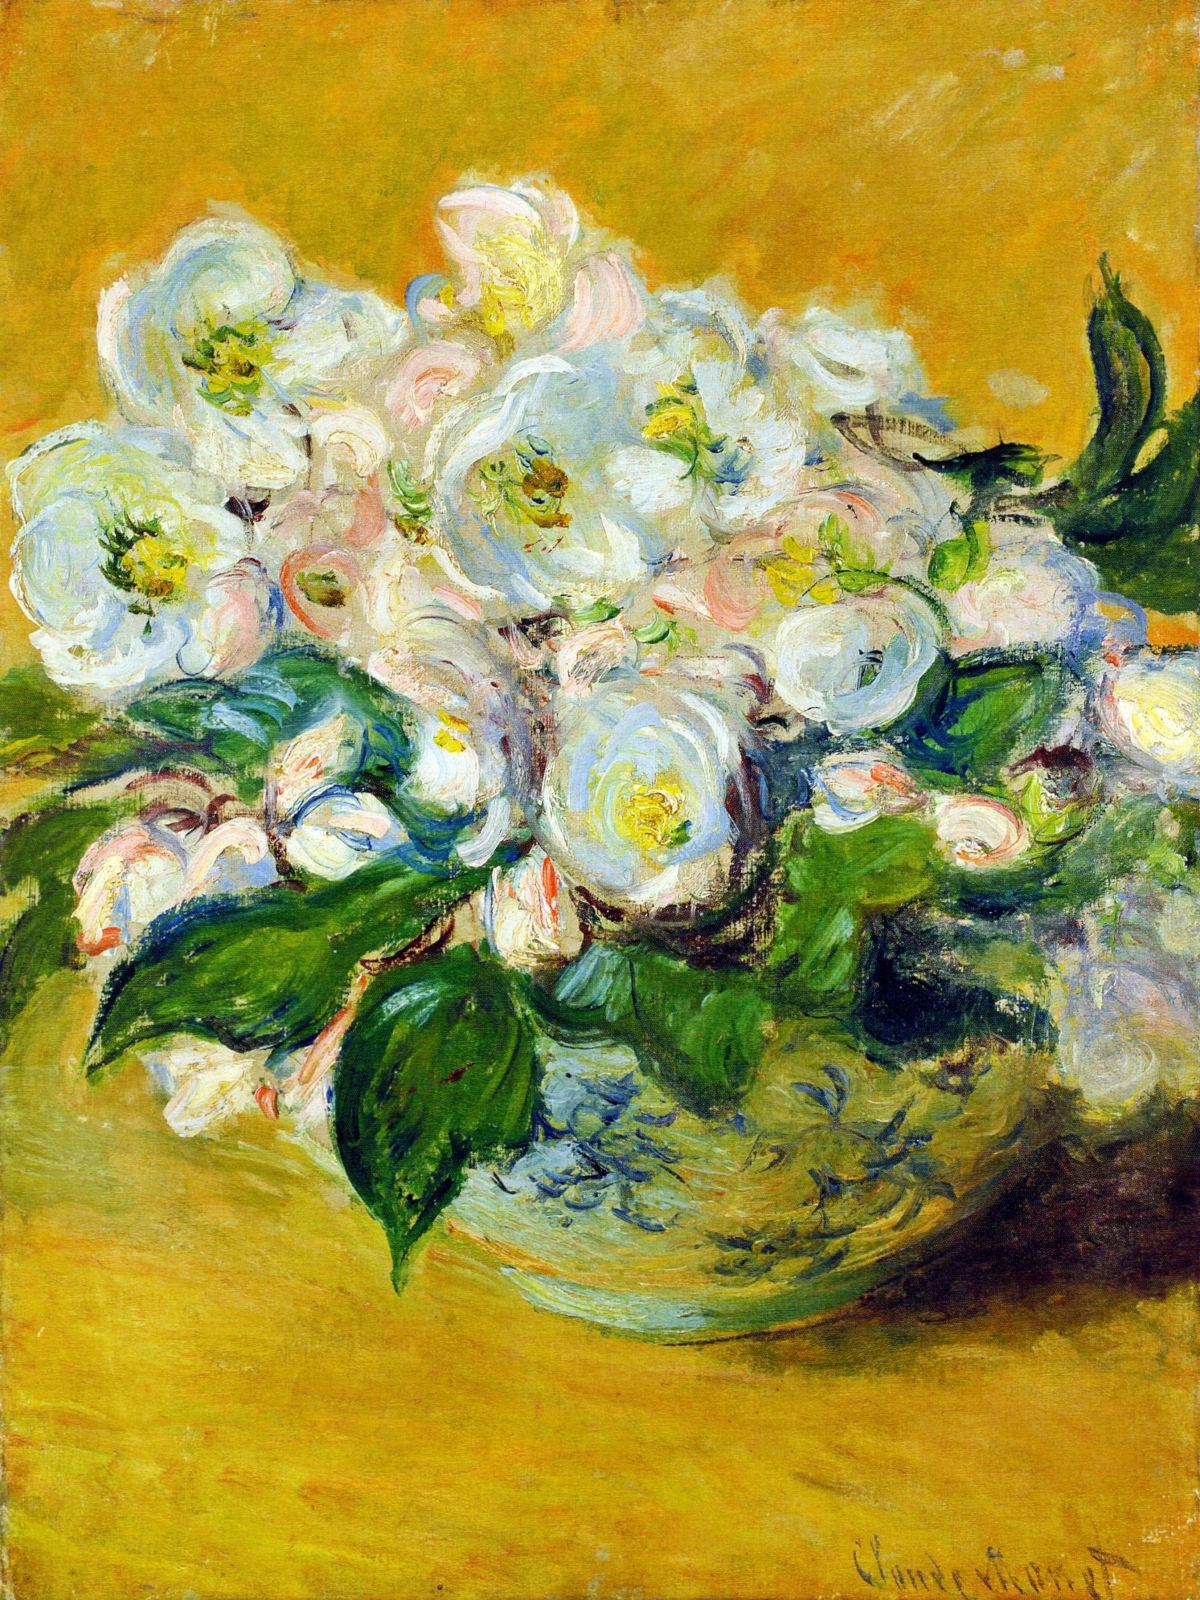 Клод Моне, 1883 год, картина «Рождественские розы».